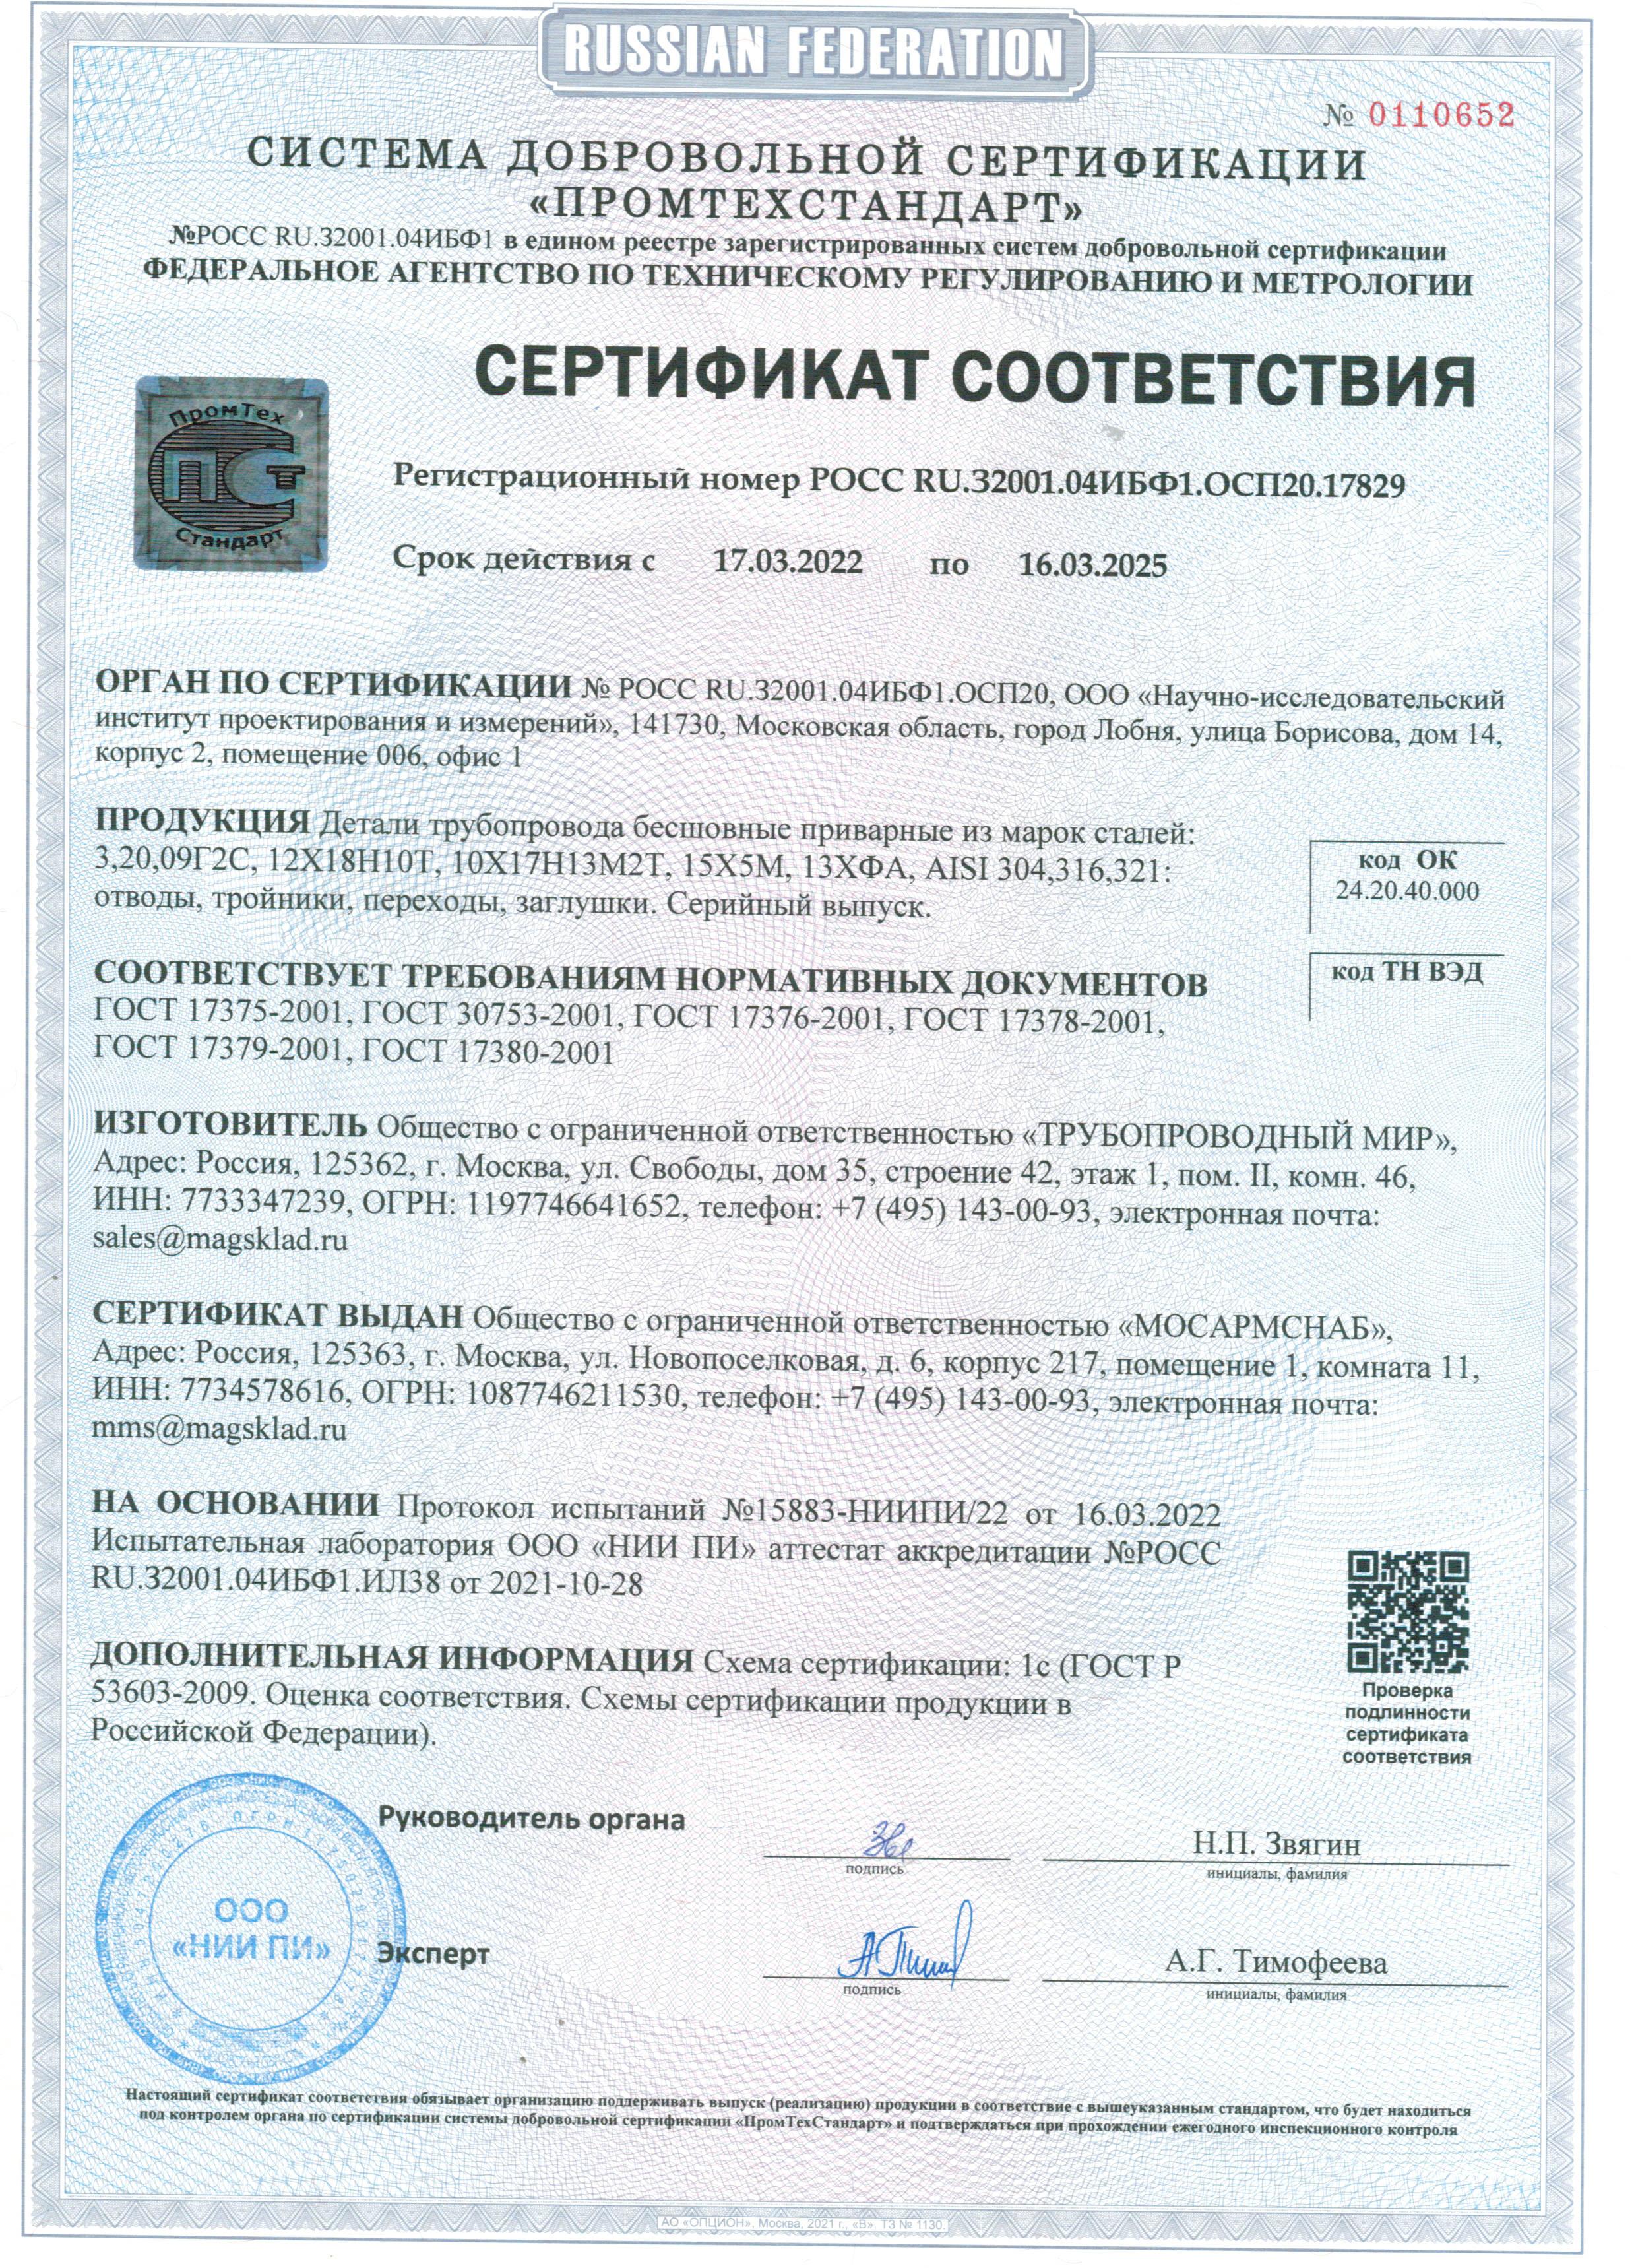 Сертификат на отводы, тройники, переходы, заглушки